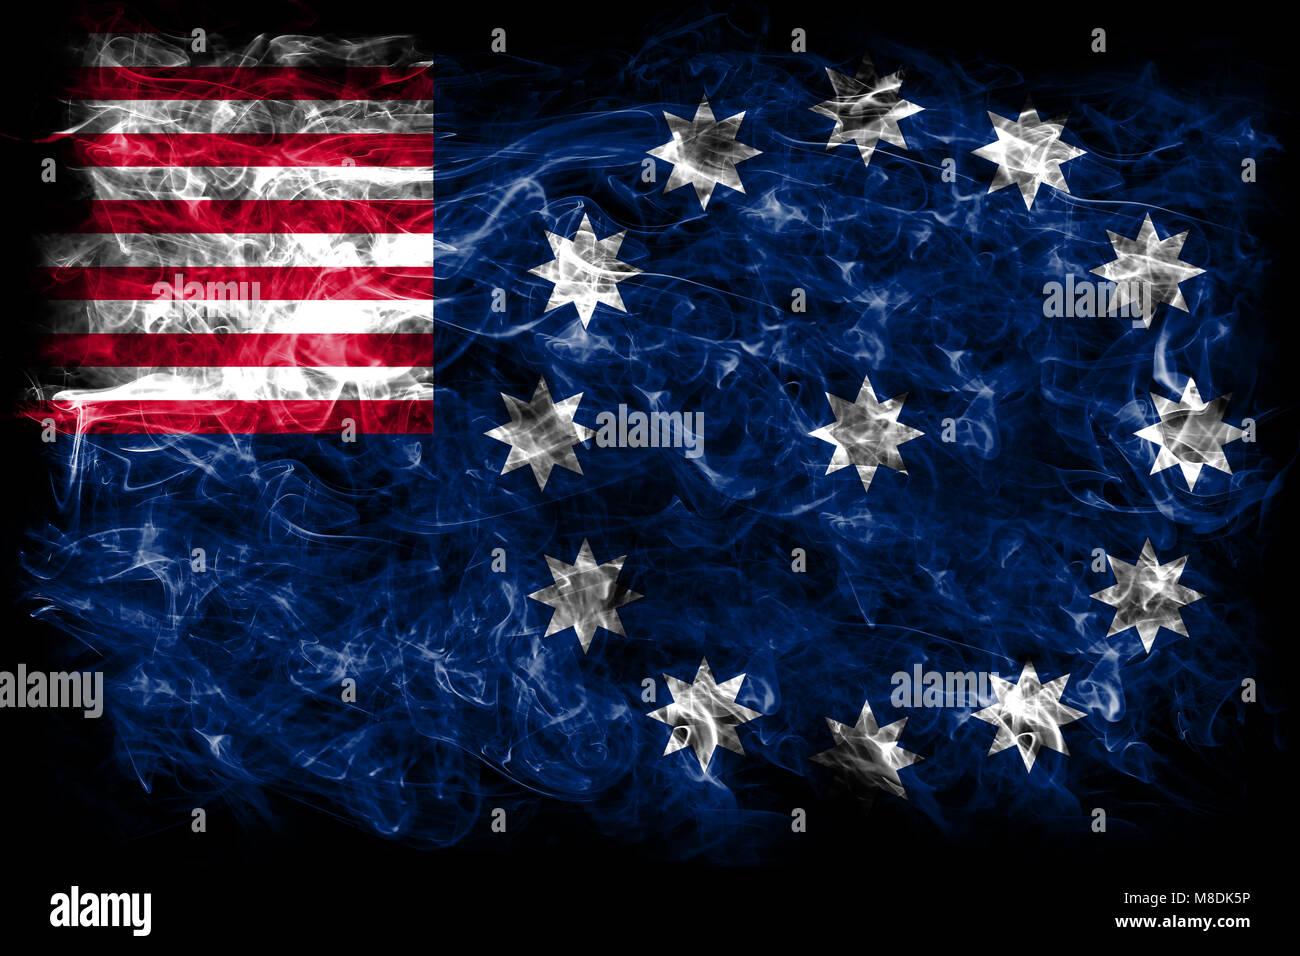 Encantador Colorear Bandera De Estado De Alabama Composición ...